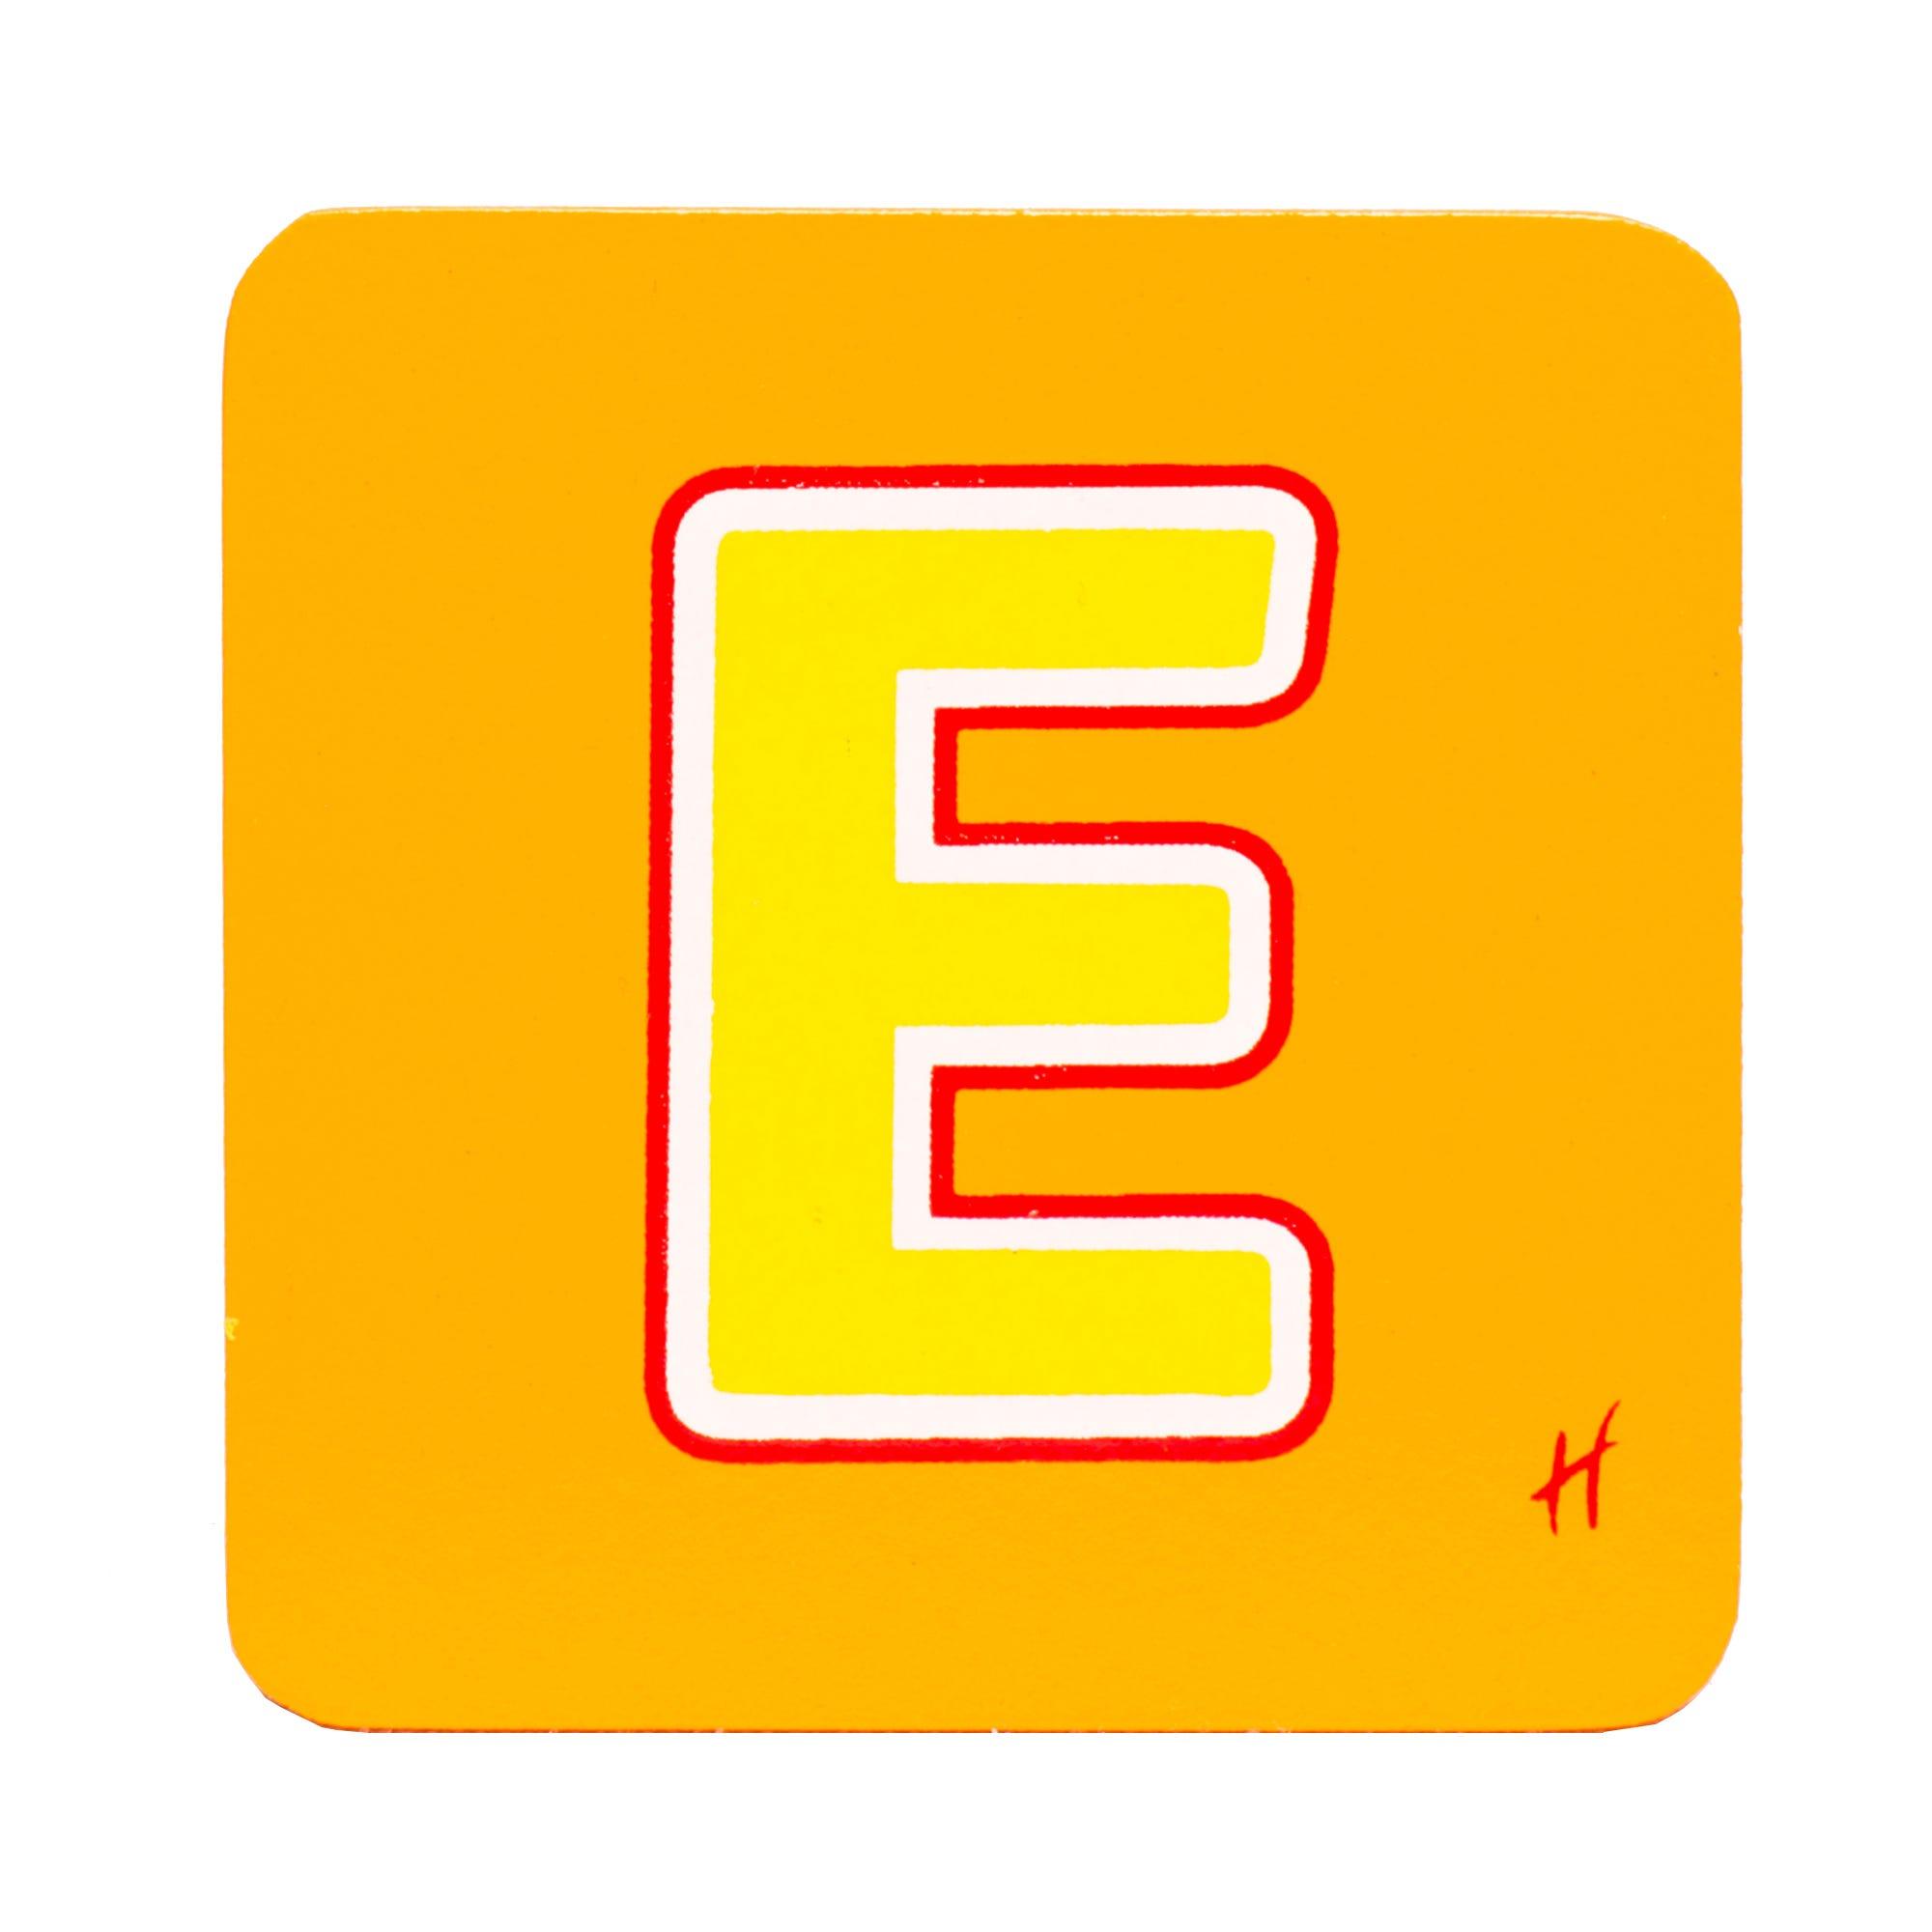 Hamleys Wooden Letter E